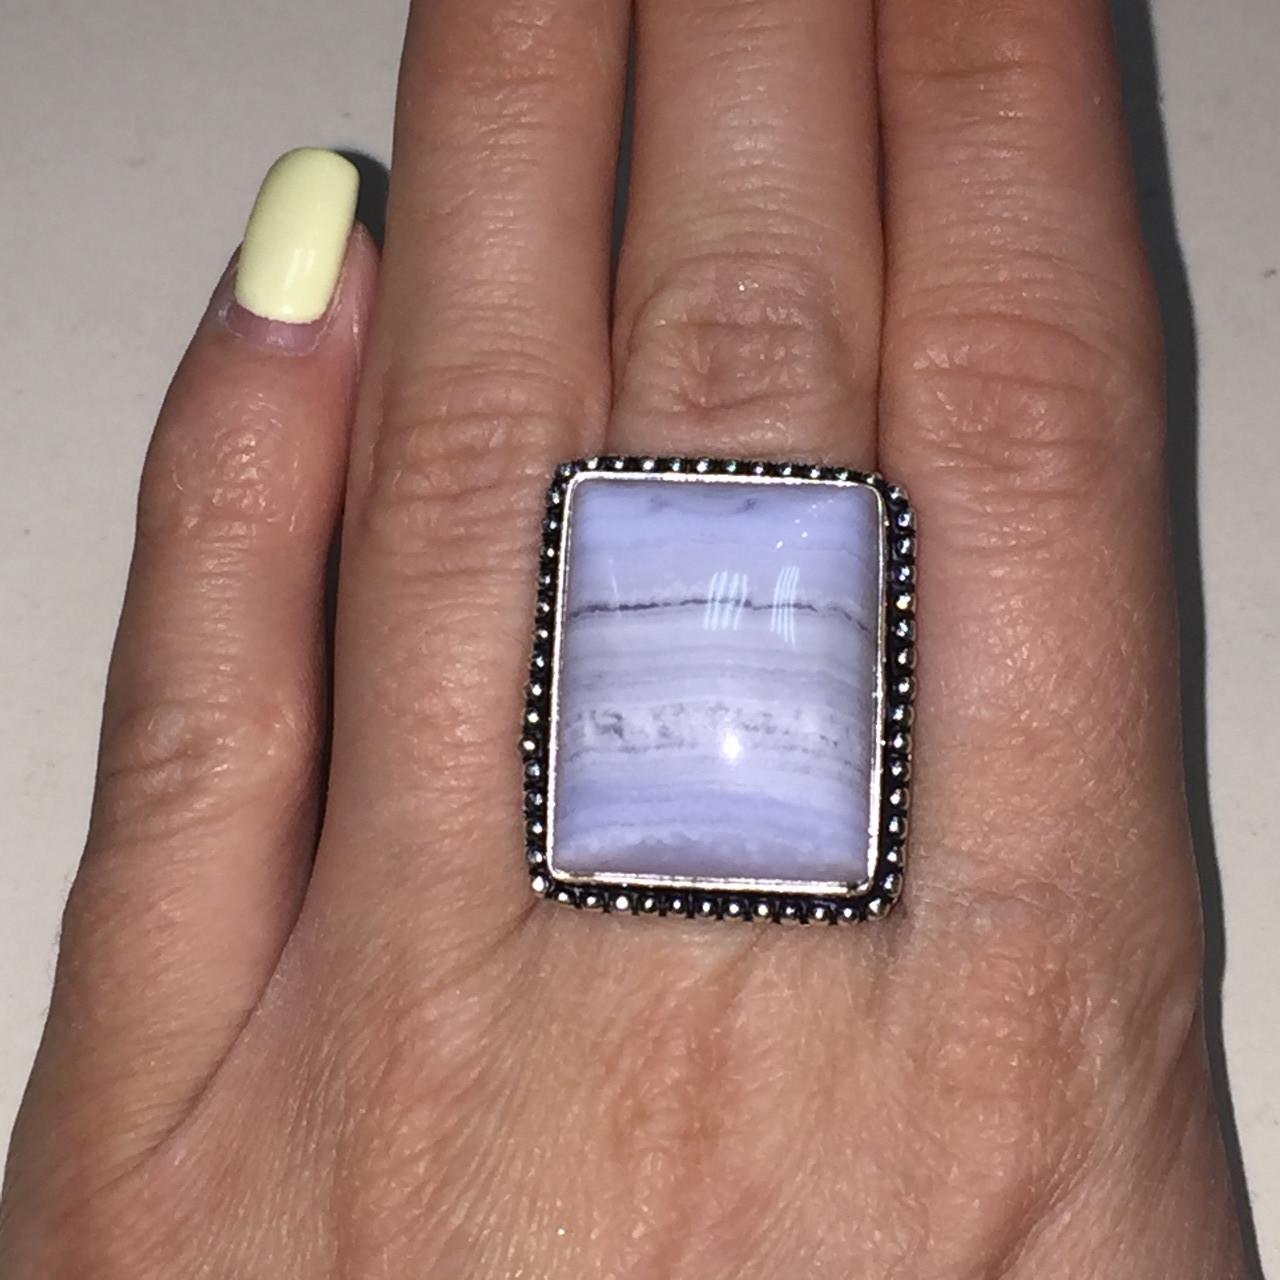 Голубой агат сапфирин кольцо прямоугольное натуральный голубой агат 18 размер Индия